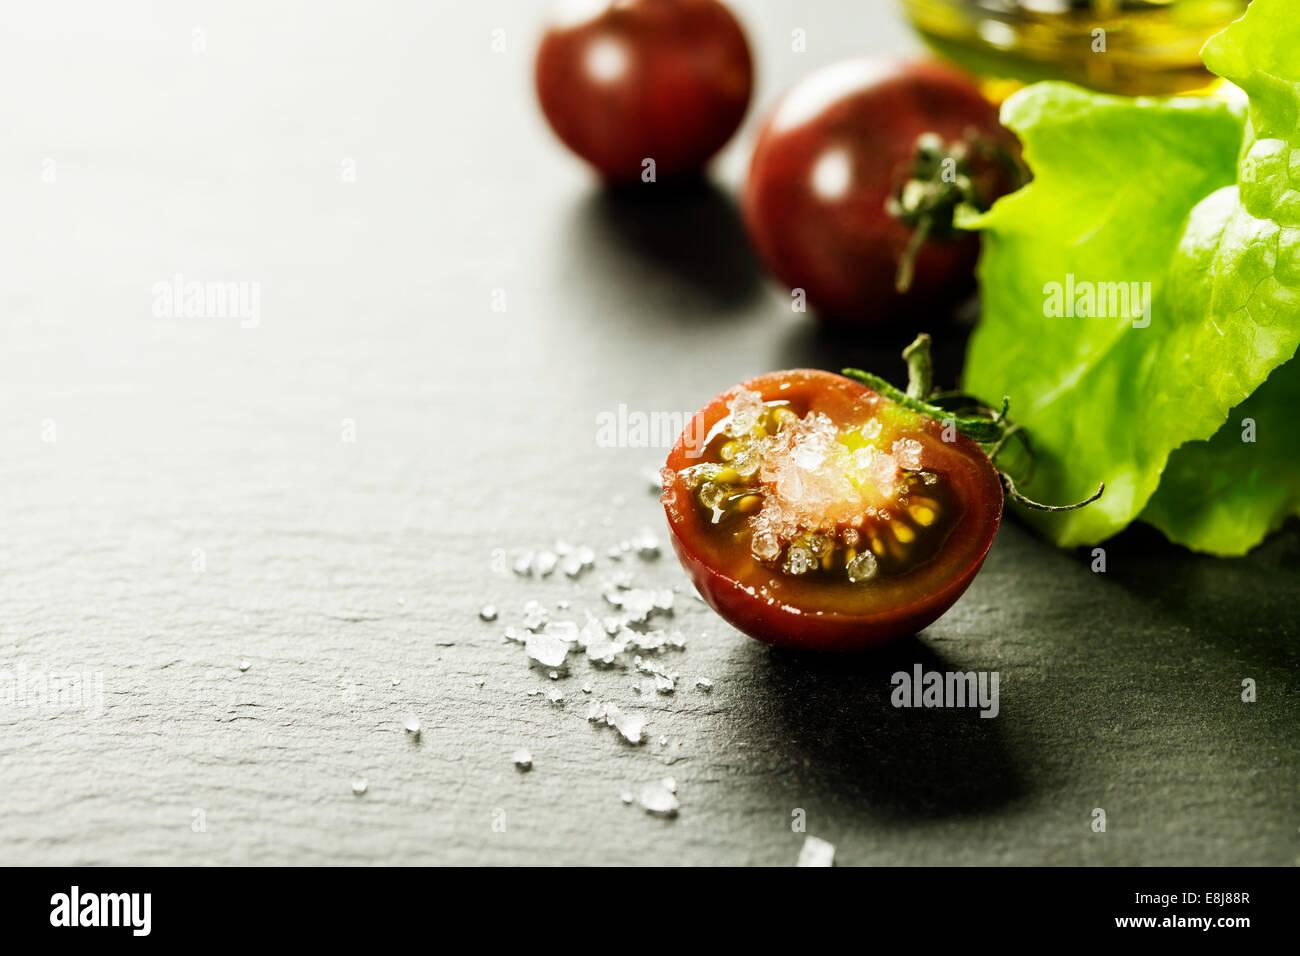 Mosti di uve fresche pomodori con foglie di insalata e sale per l'uso come ingredienti di cottura con pomodoro Immagini Stock